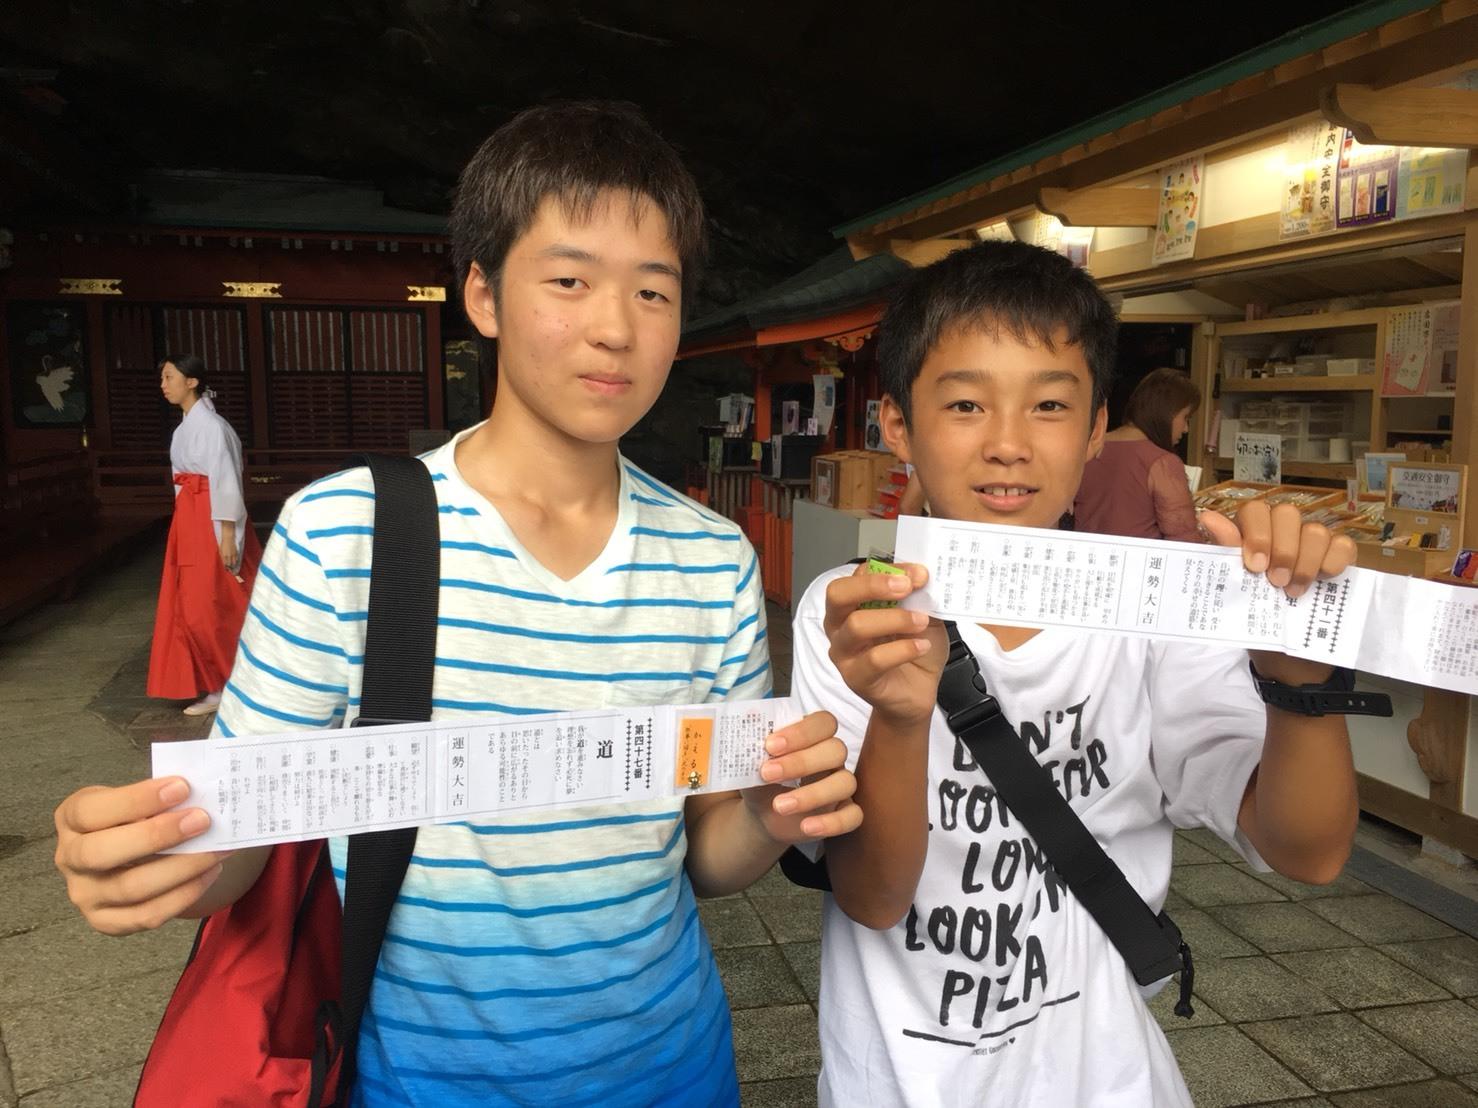 最高の学年による充実の宮崎夏合宿 -合宿1日目の写真-_d0116009_14543355.jpg